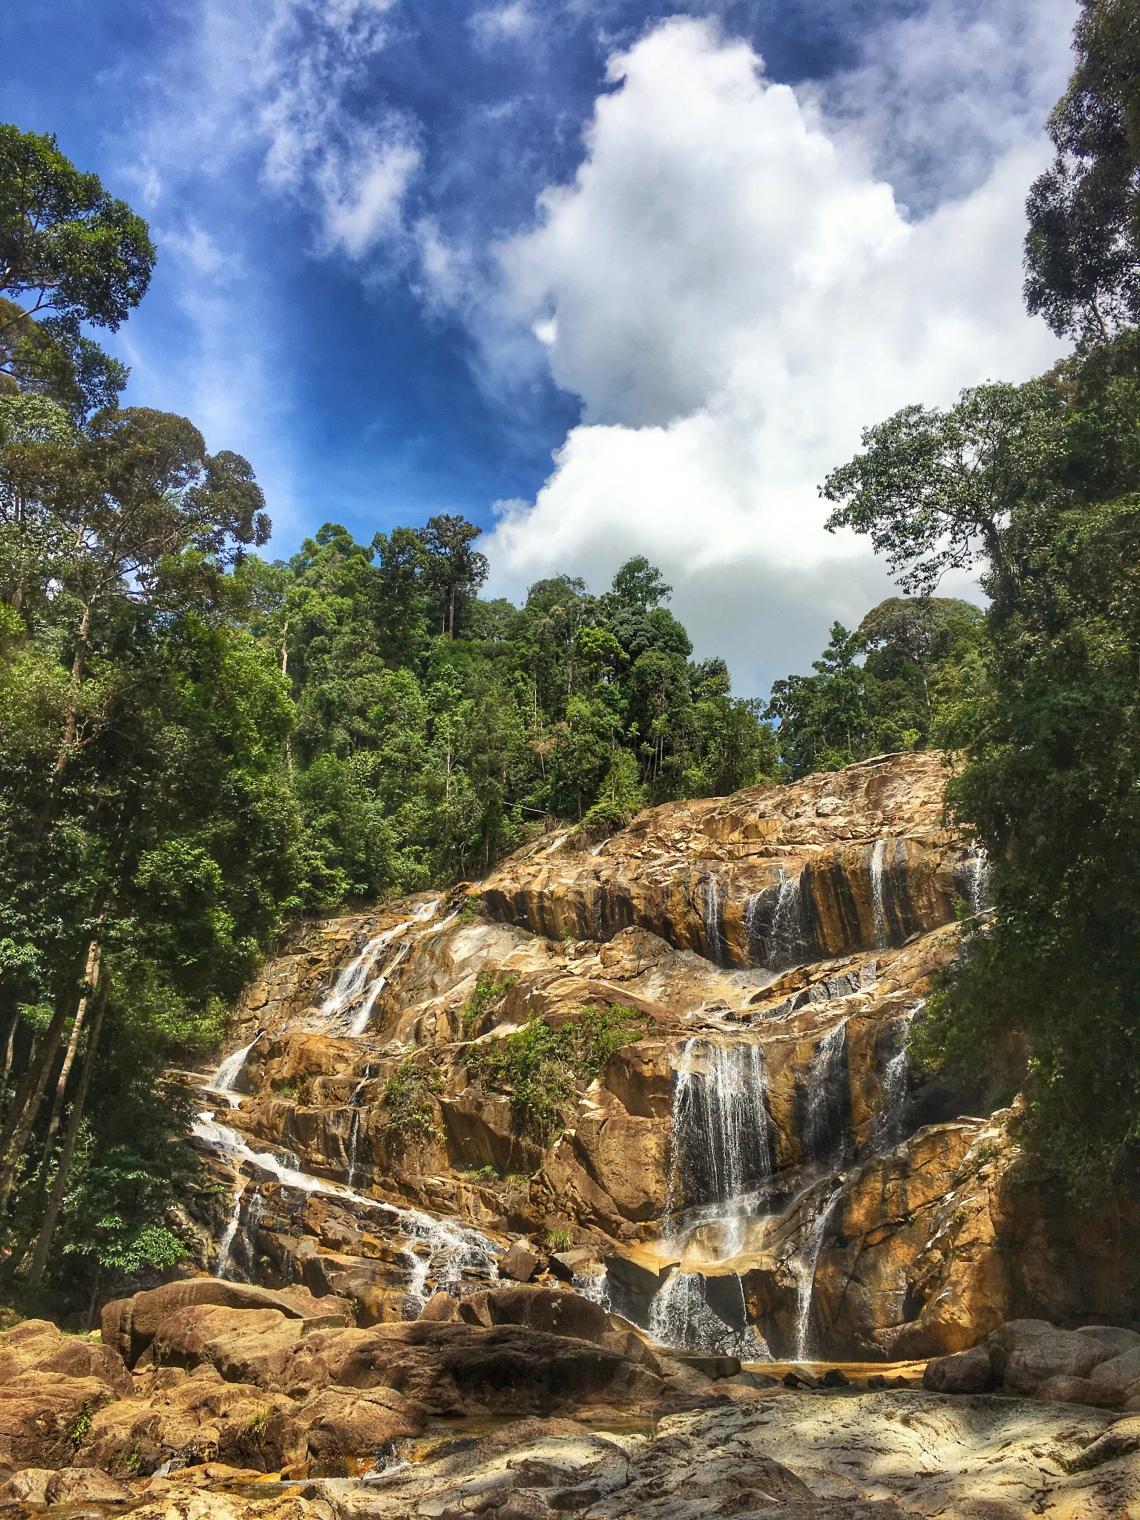 sungai pandan waterfall panching